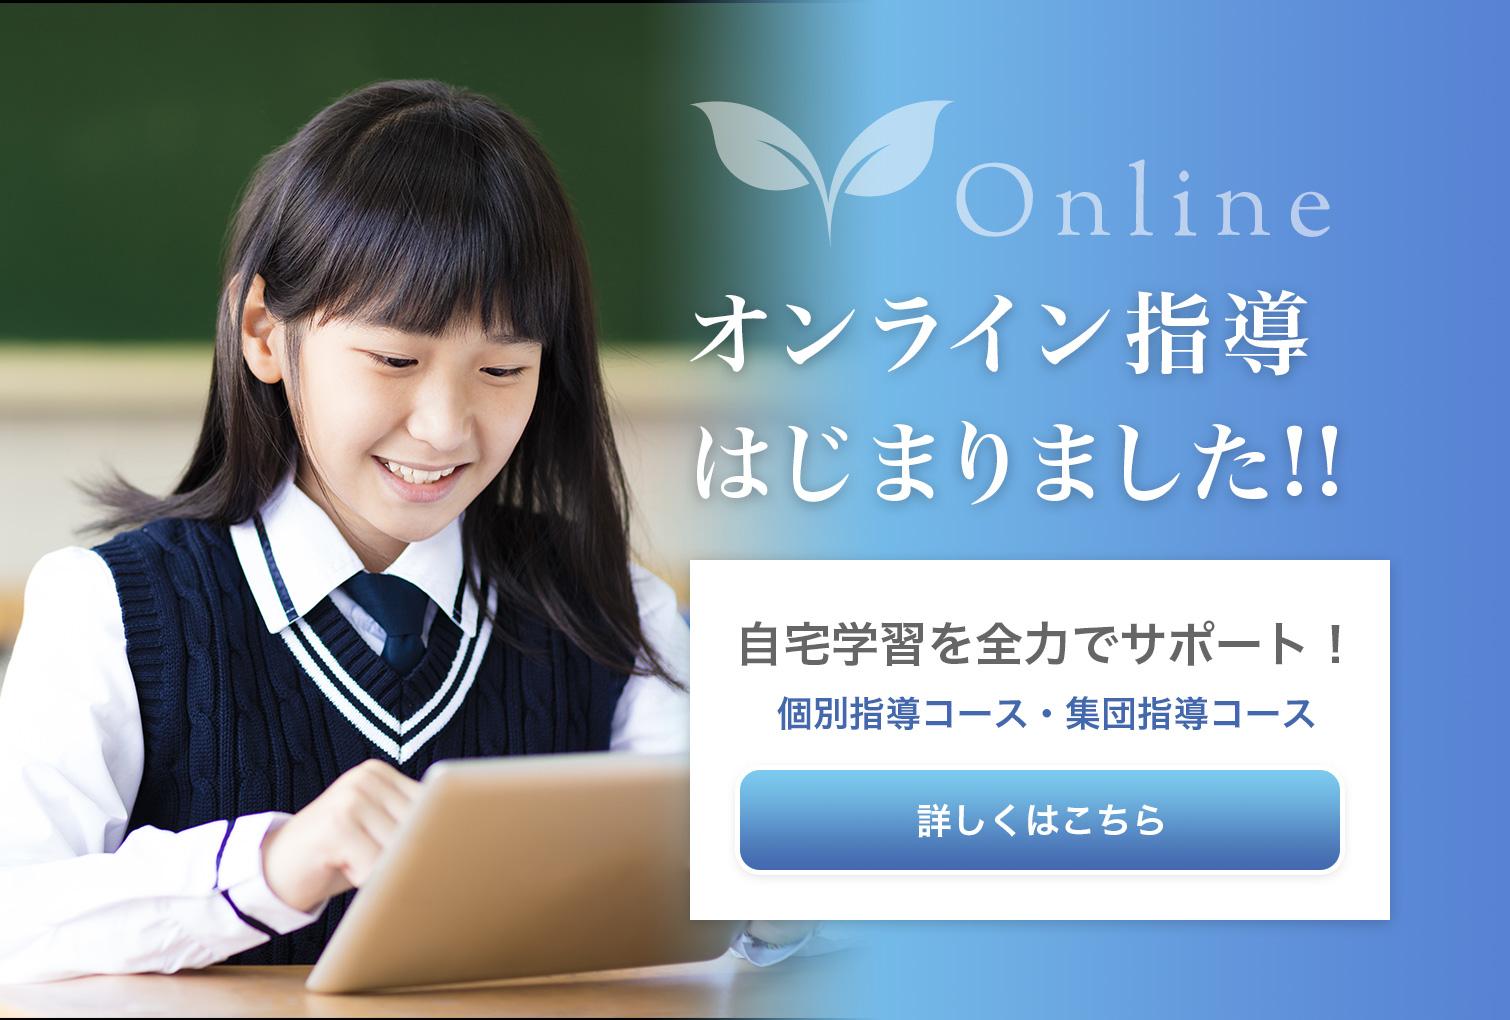 オンライン指導